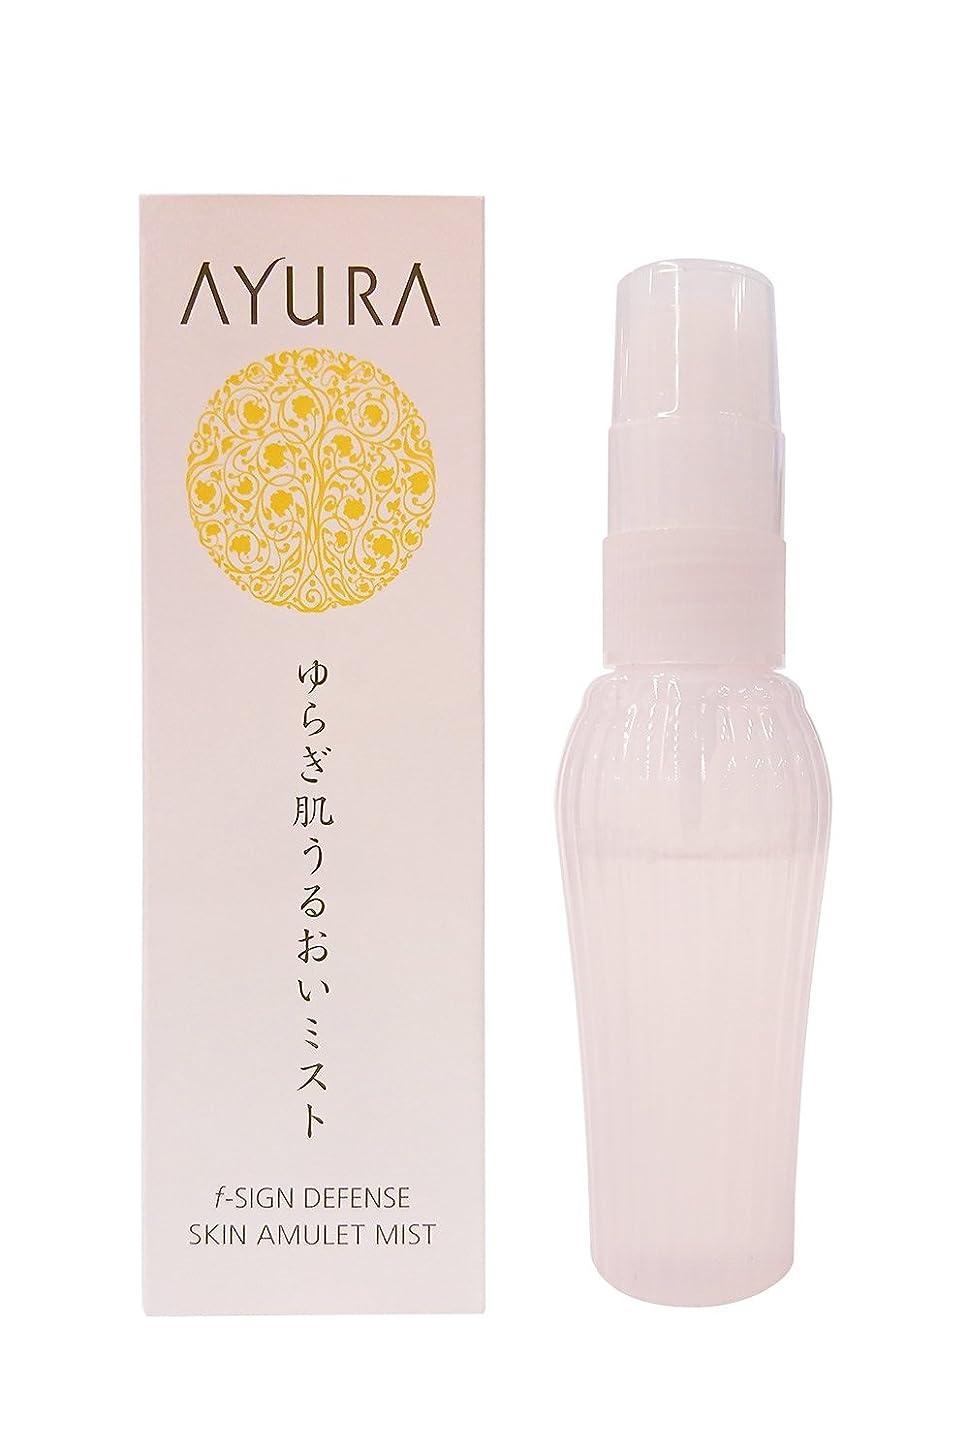 ラッカス黙認する批評アユーラ (AYURA) fサインディフェンス スキンアミュレットミスト 50mL 〈敏感肌用 化粧水〉 うるおい 保湿 ミスト